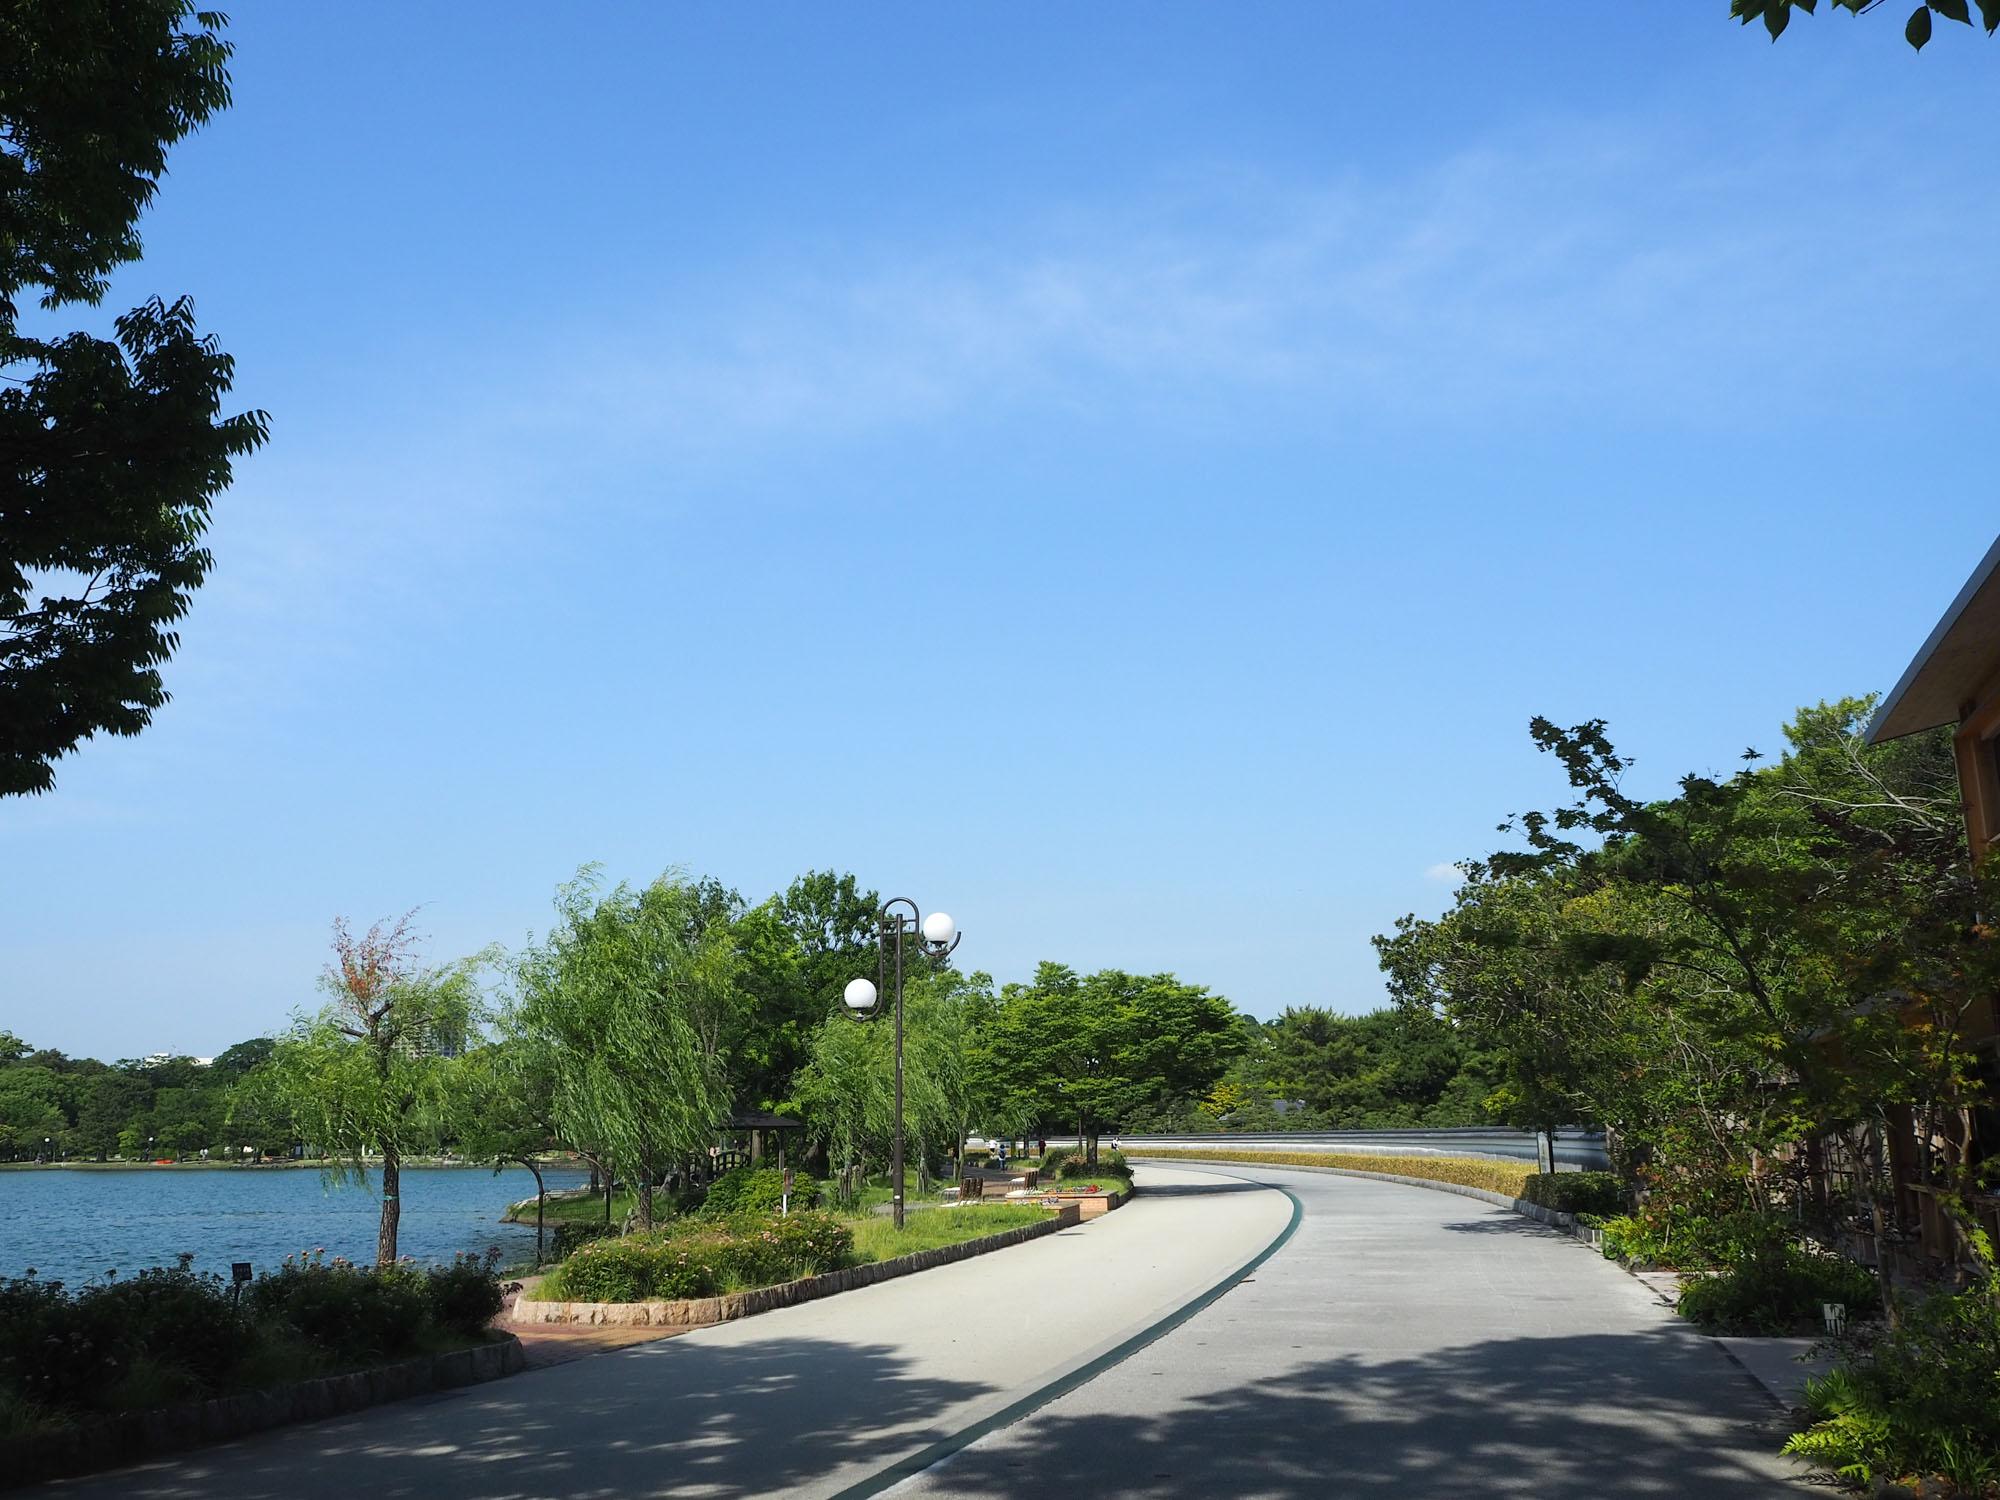 &LOCALS大濠公園をあとにして、大濠公園内の自転車用園路(写真右側)を進みます。